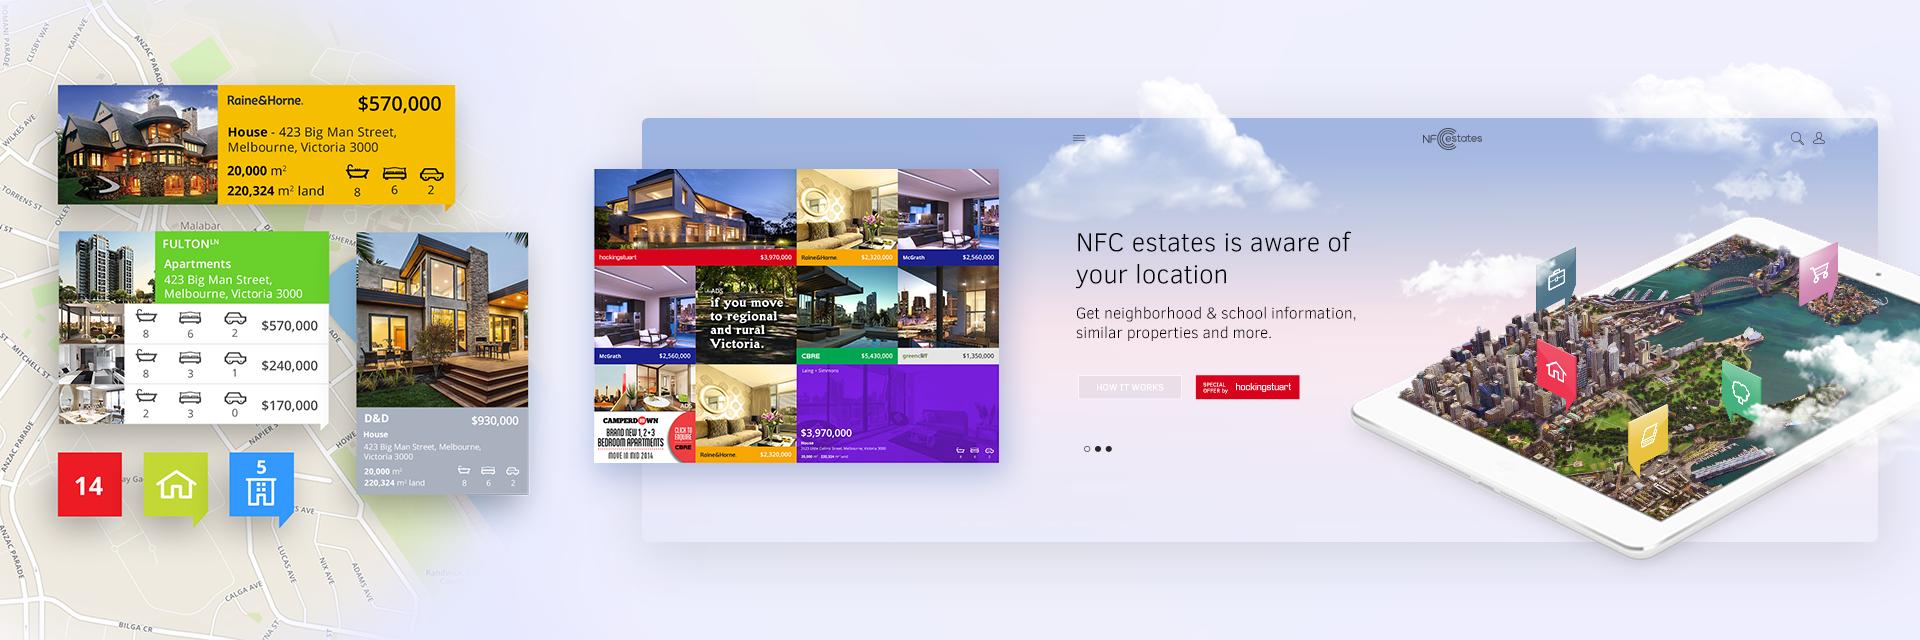 Branding and Digital design, web, ui/ux for a Realestate online website